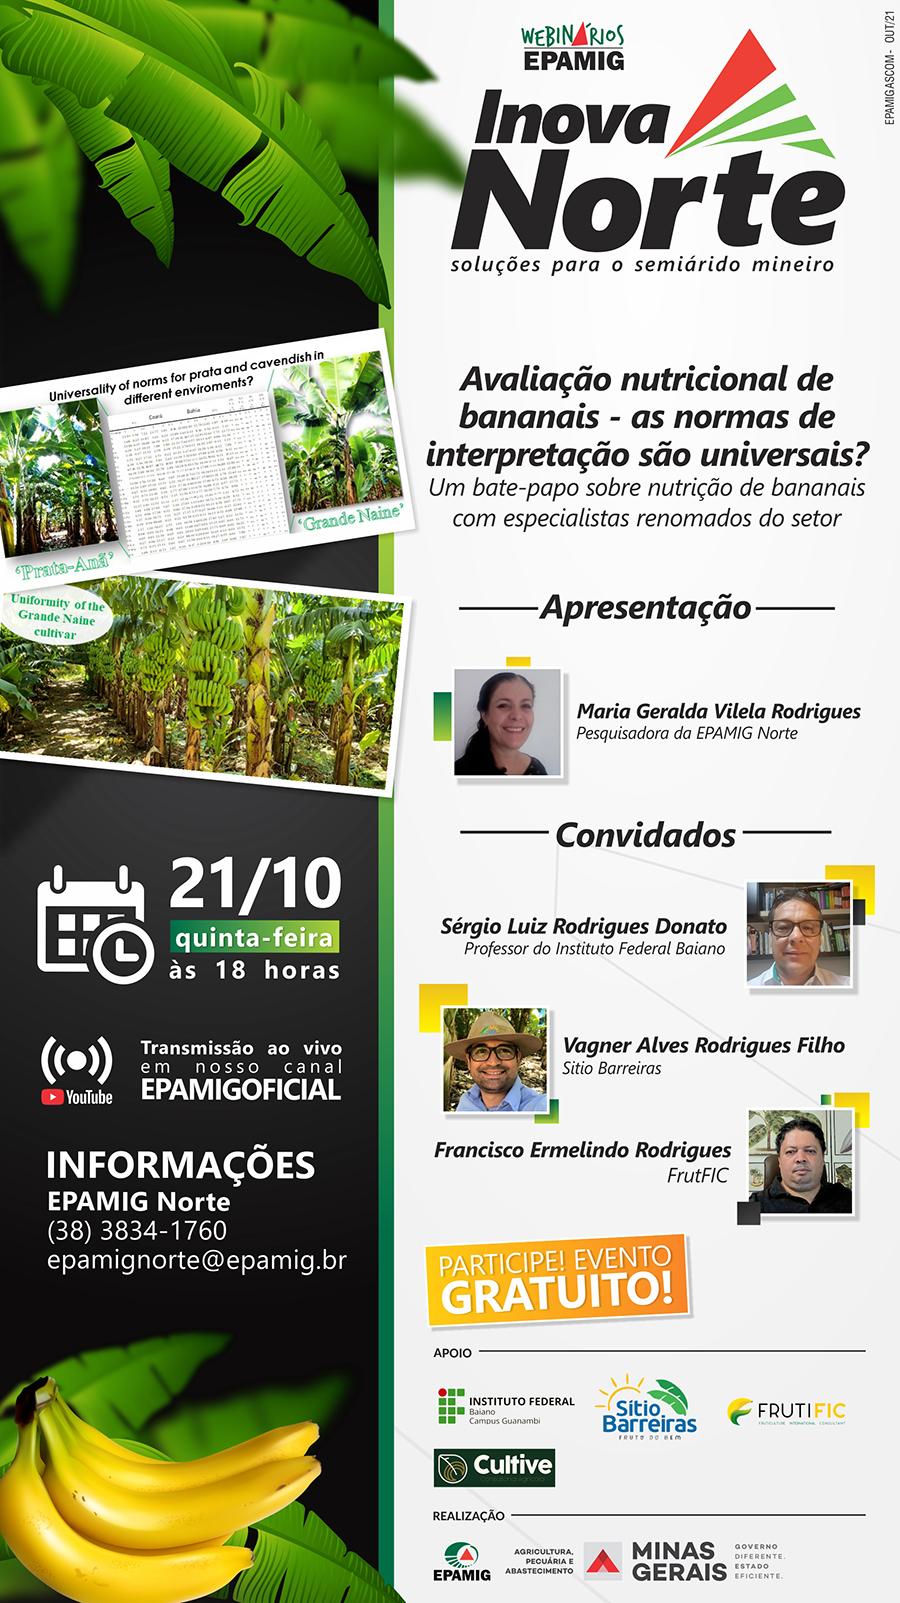 Inova Norte - Avaliação nutricional de bananais @ EVENTO ONLINE - Canal Oficial da EPAMIG no YouTube